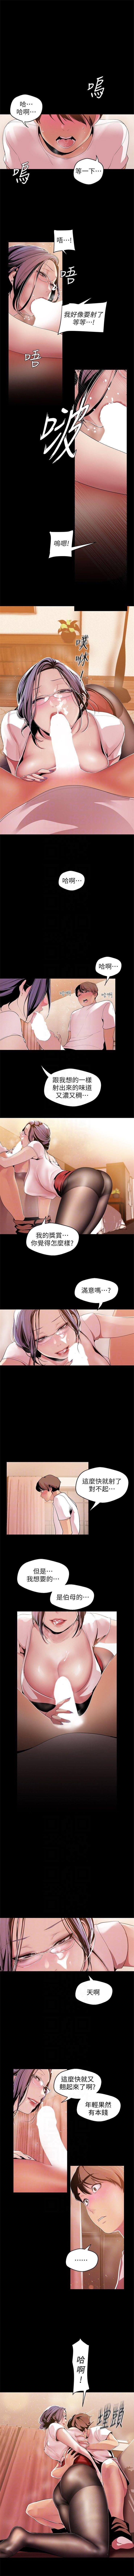 (週1)美麗新世界 1-76 中文翻譯 (更新中) 358